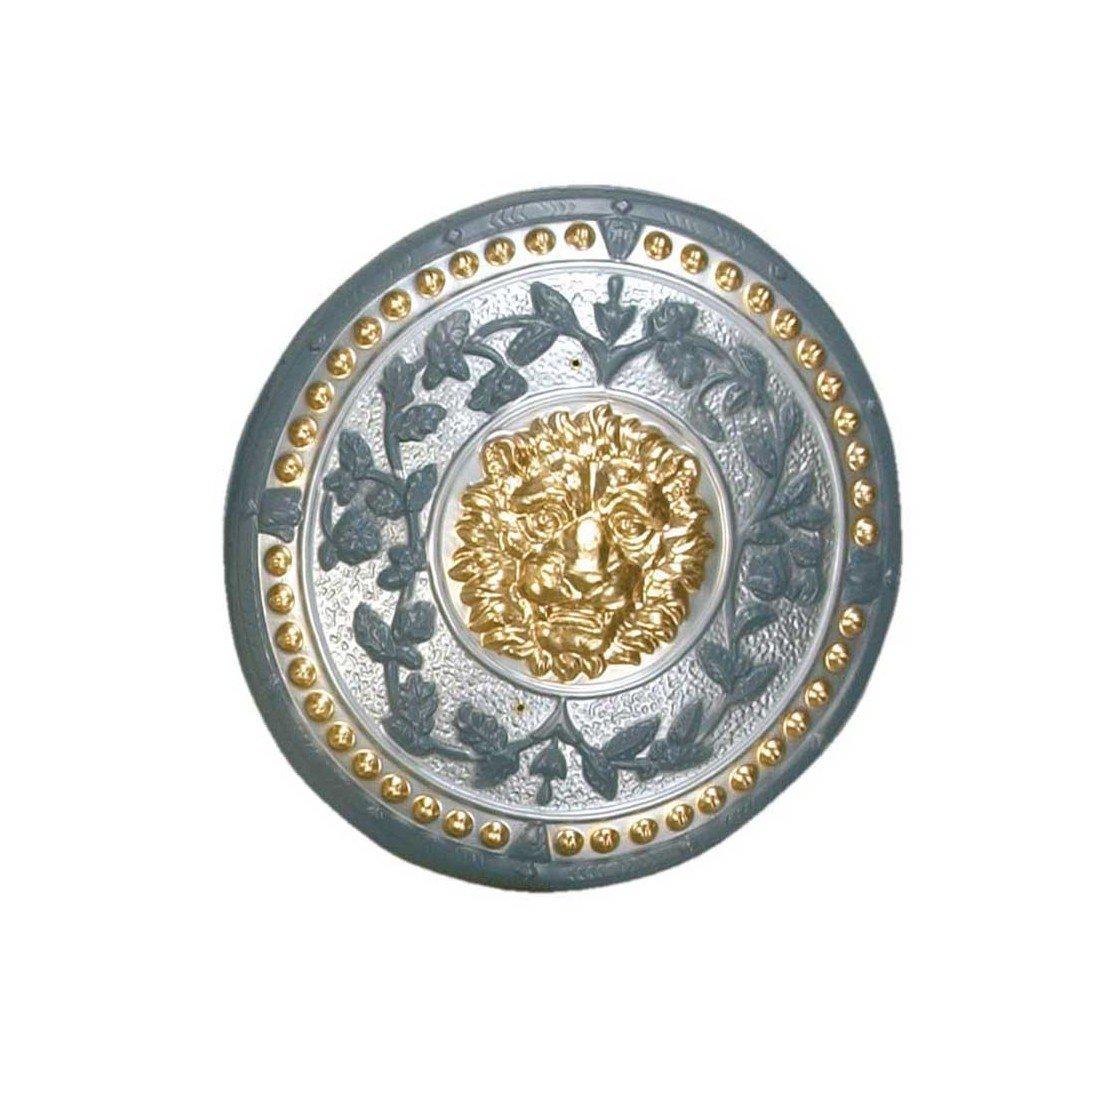 Disfraces FCR - Escudo romano